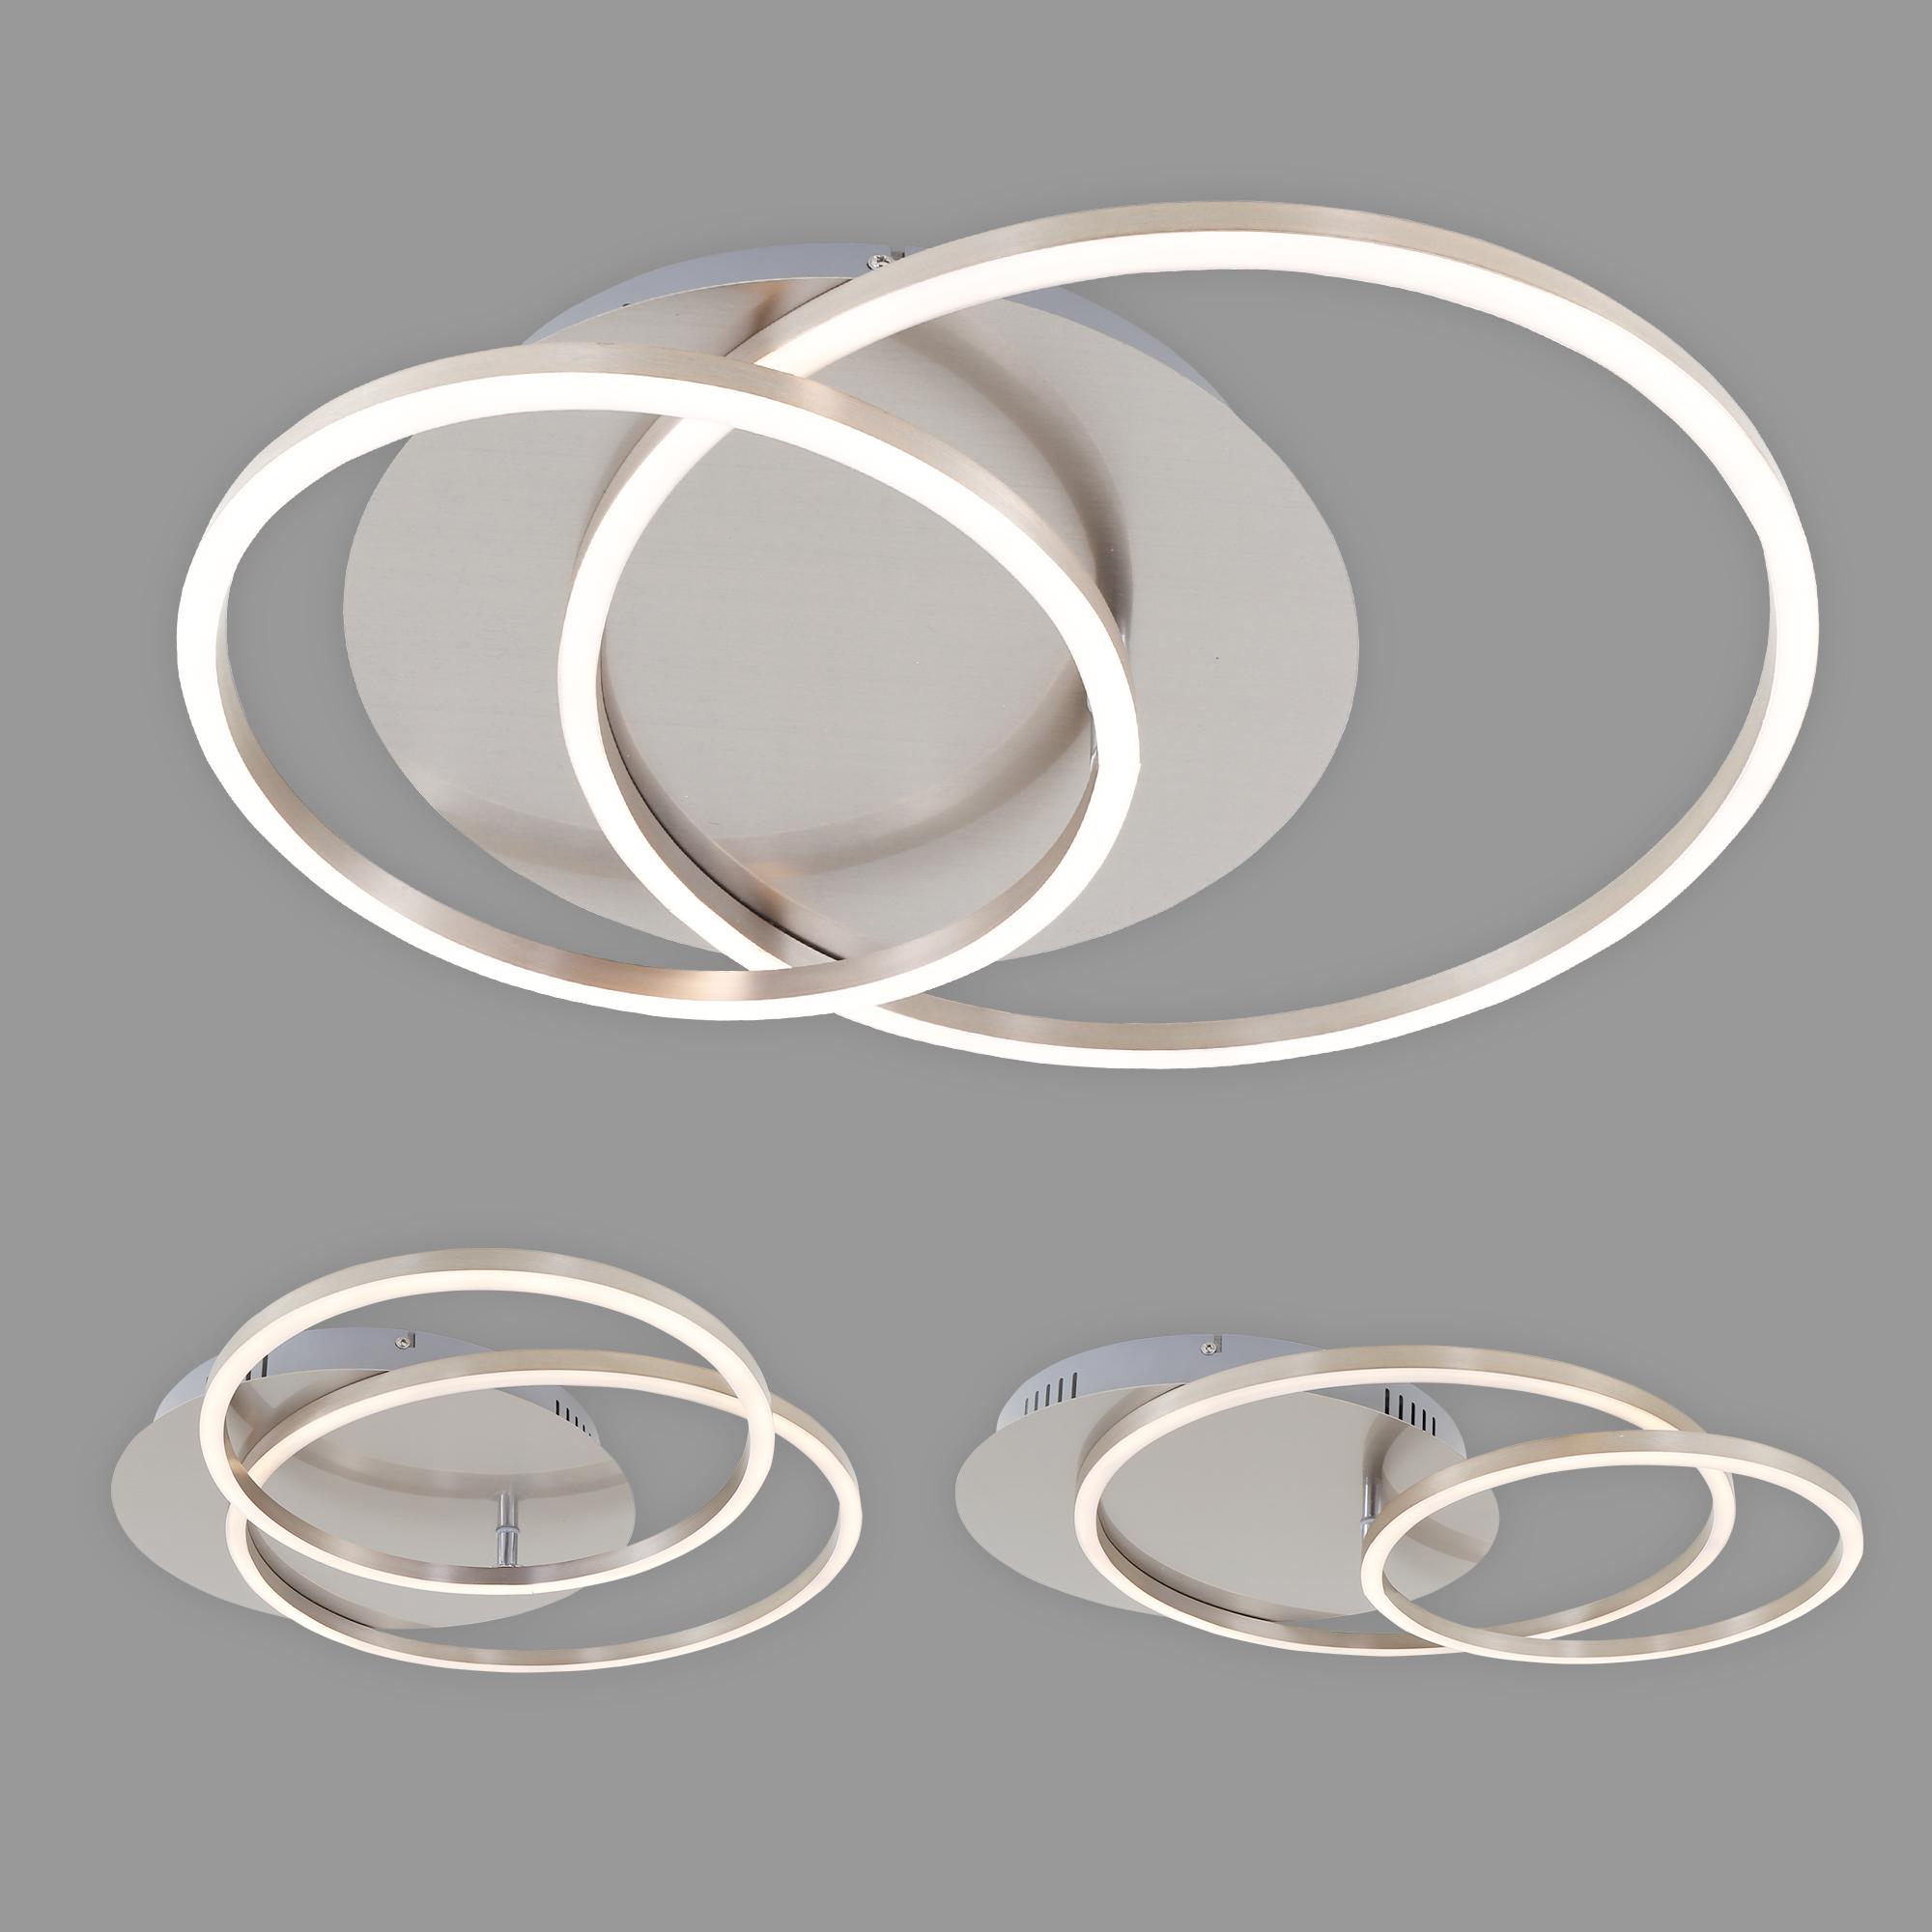 LED Deckenleuchte, 51,5 cm, 3200 LM, 40 W, Matt-Nickel